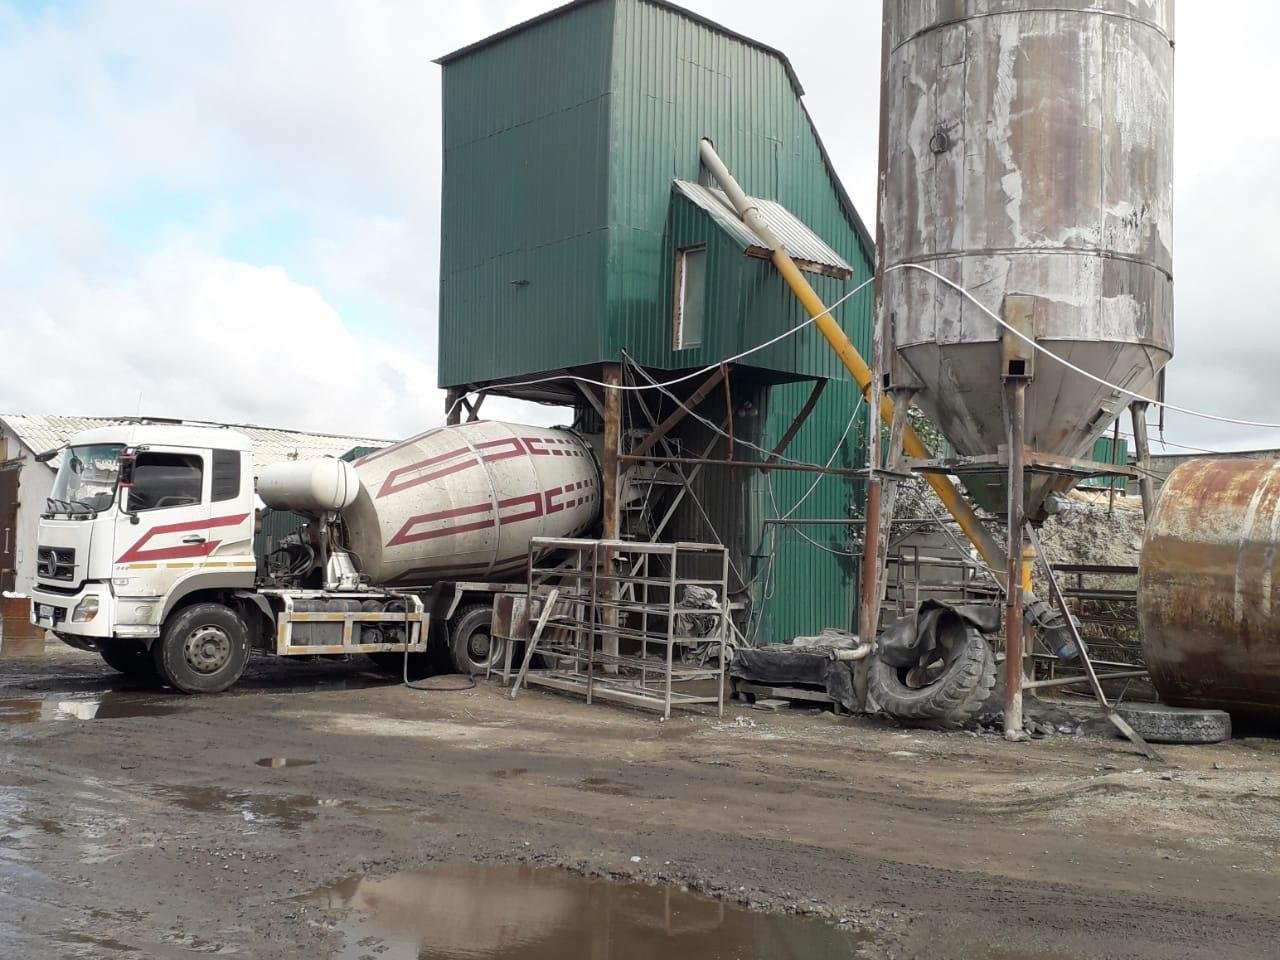 Купить бетон в омске с доставкой от производителя купить мастерок для бетона